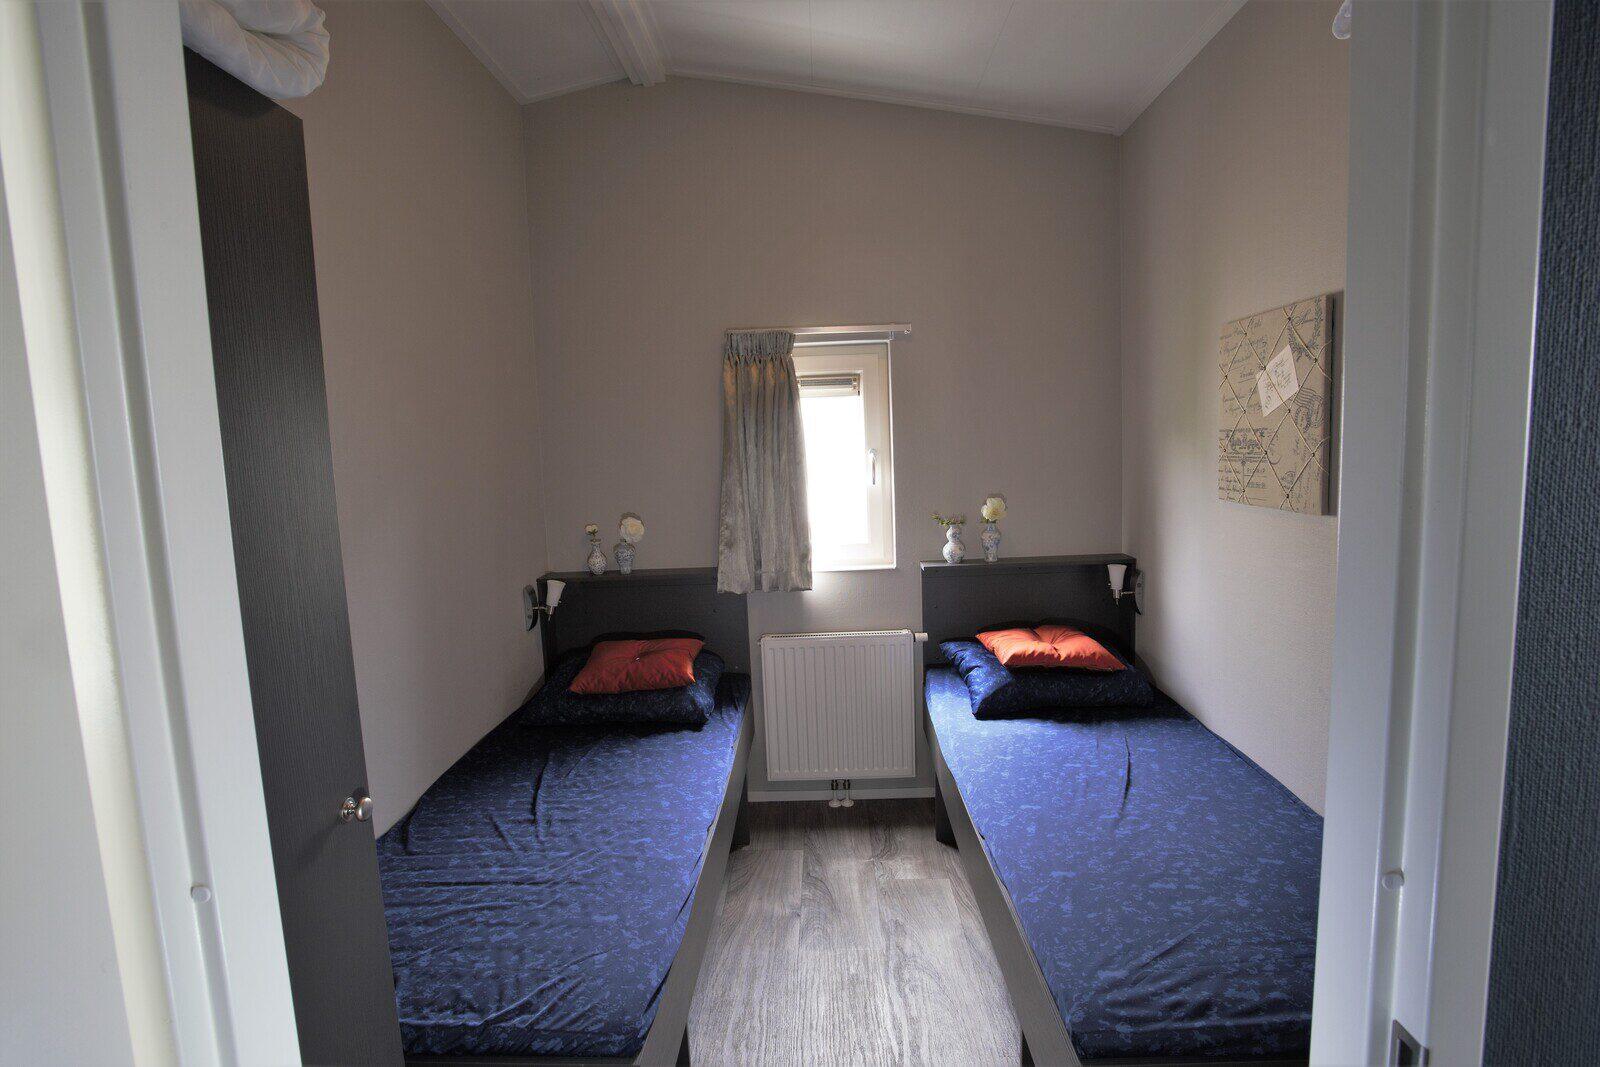 6-Personen Luxuschalet, drei Schlafzimmer.